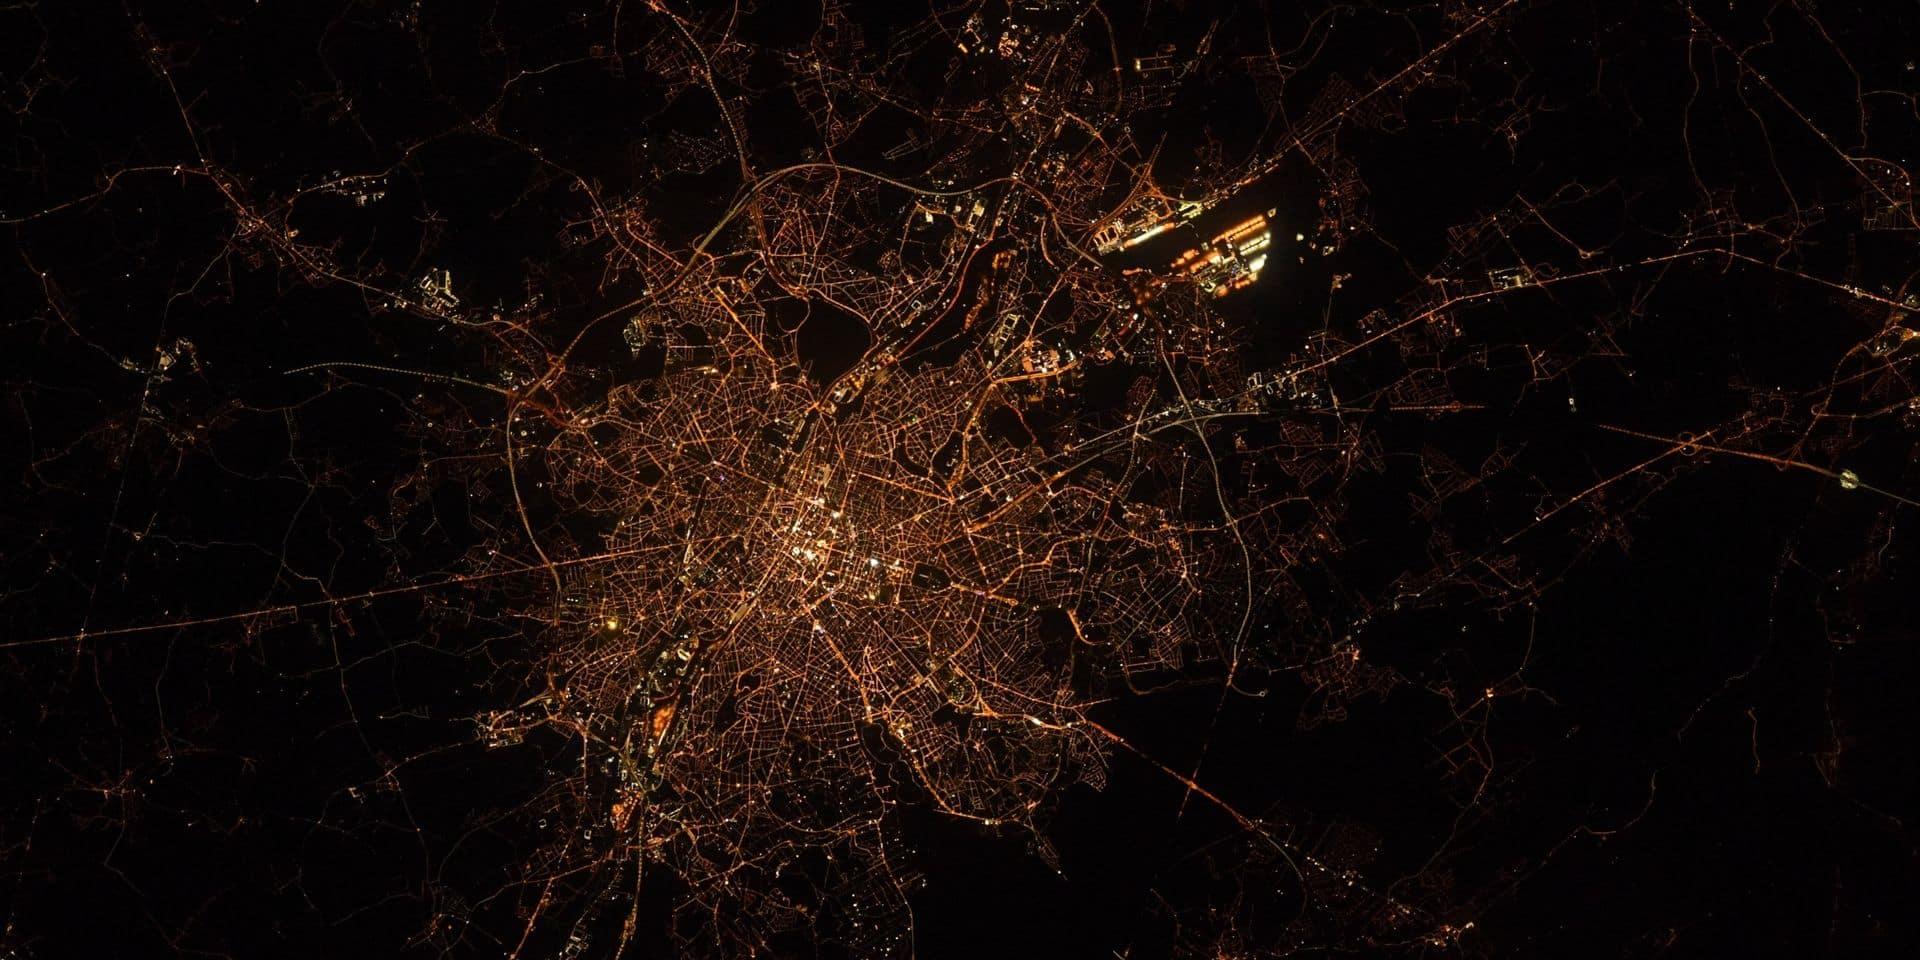 Une photo de Bruxelles vue de l'espace envoyée par un astronaute